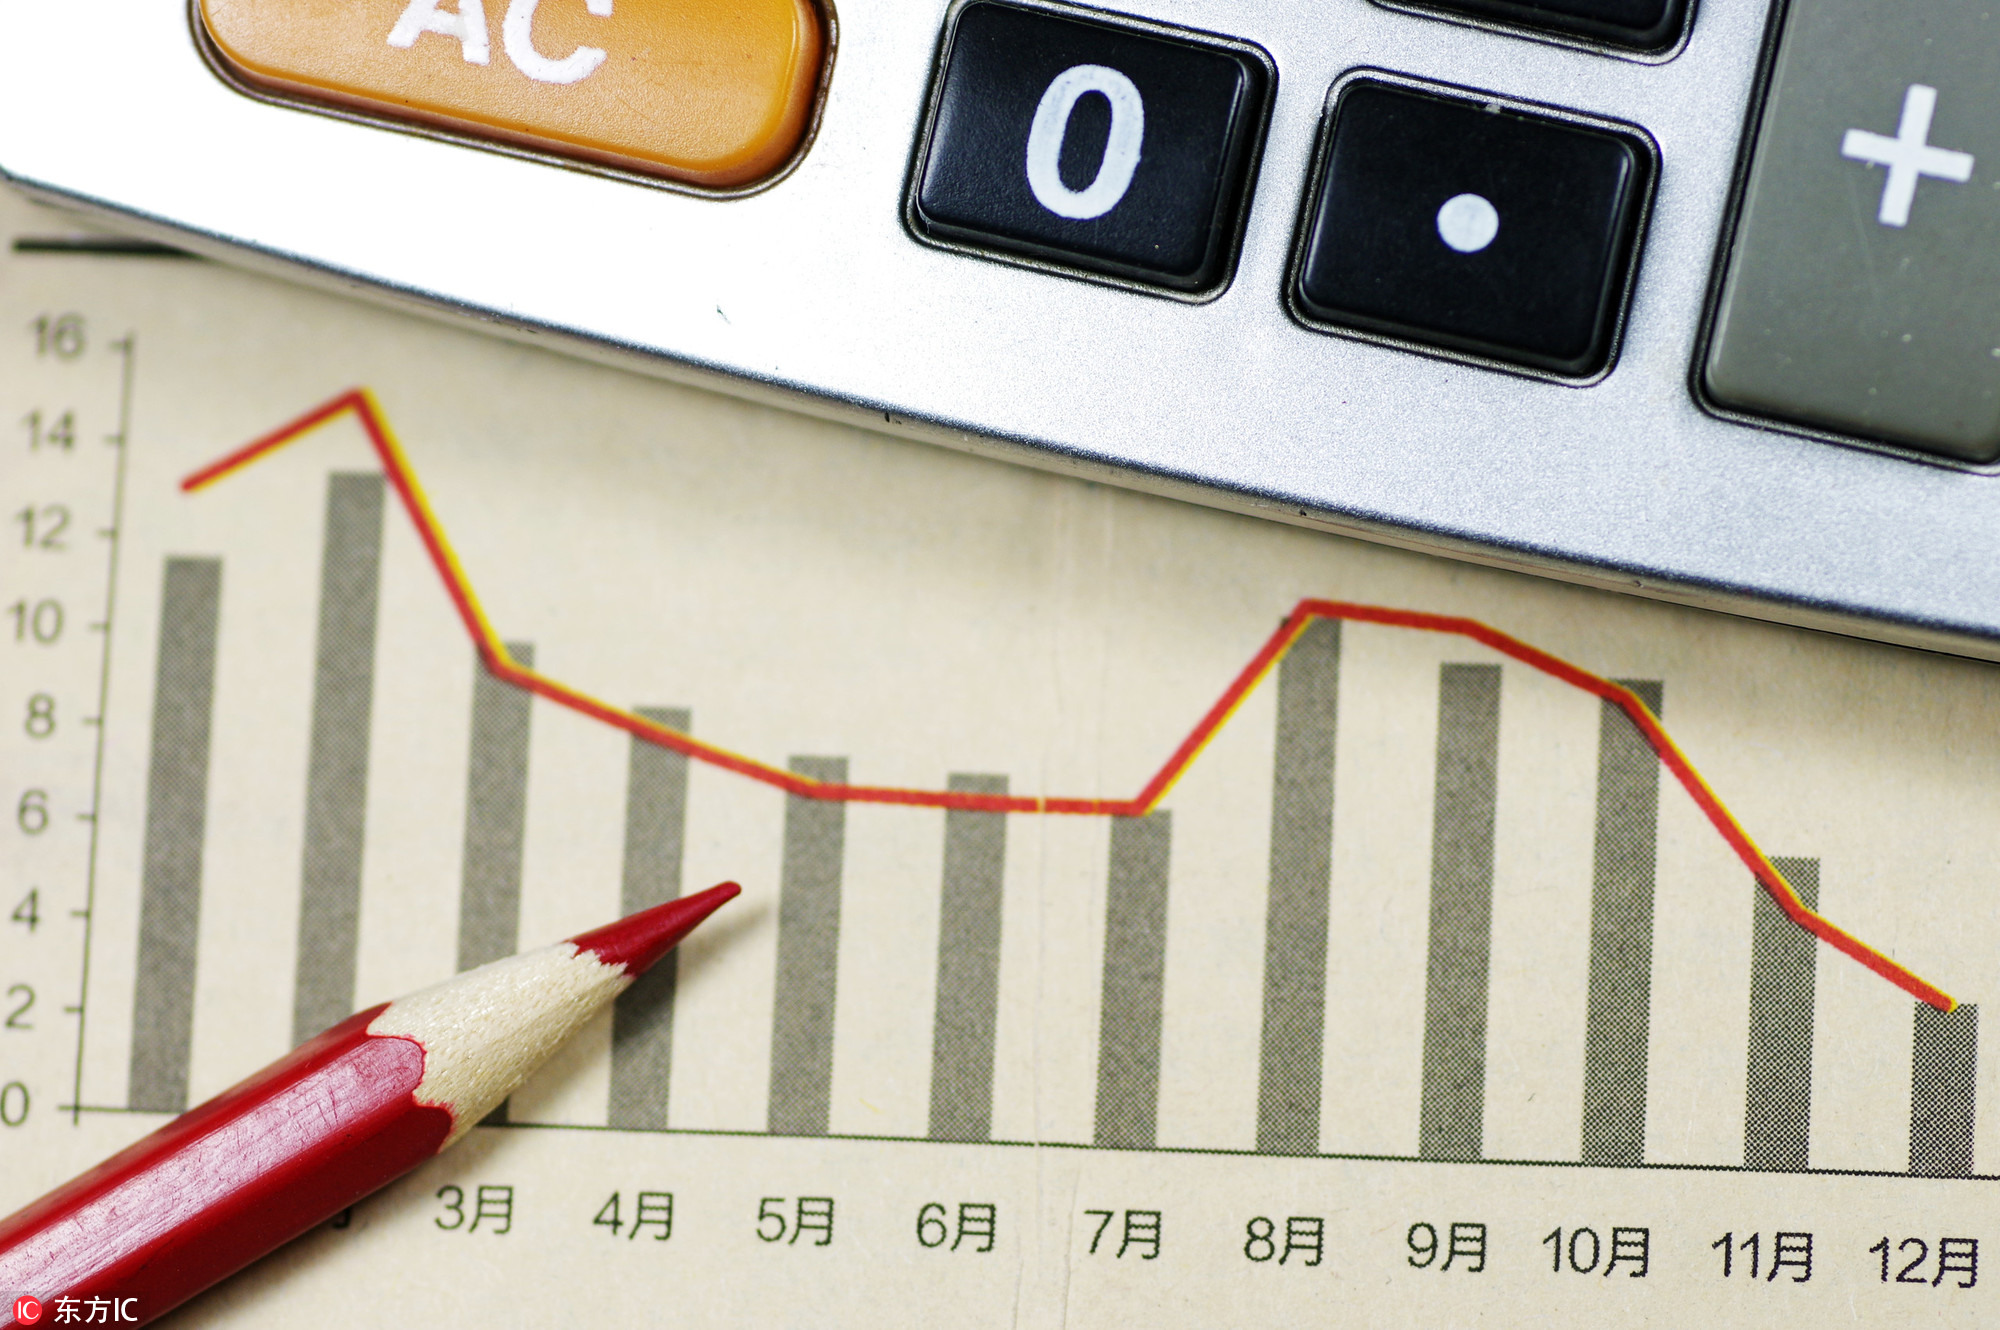 美国2月非农点评——工资上行带来通胀隐忧